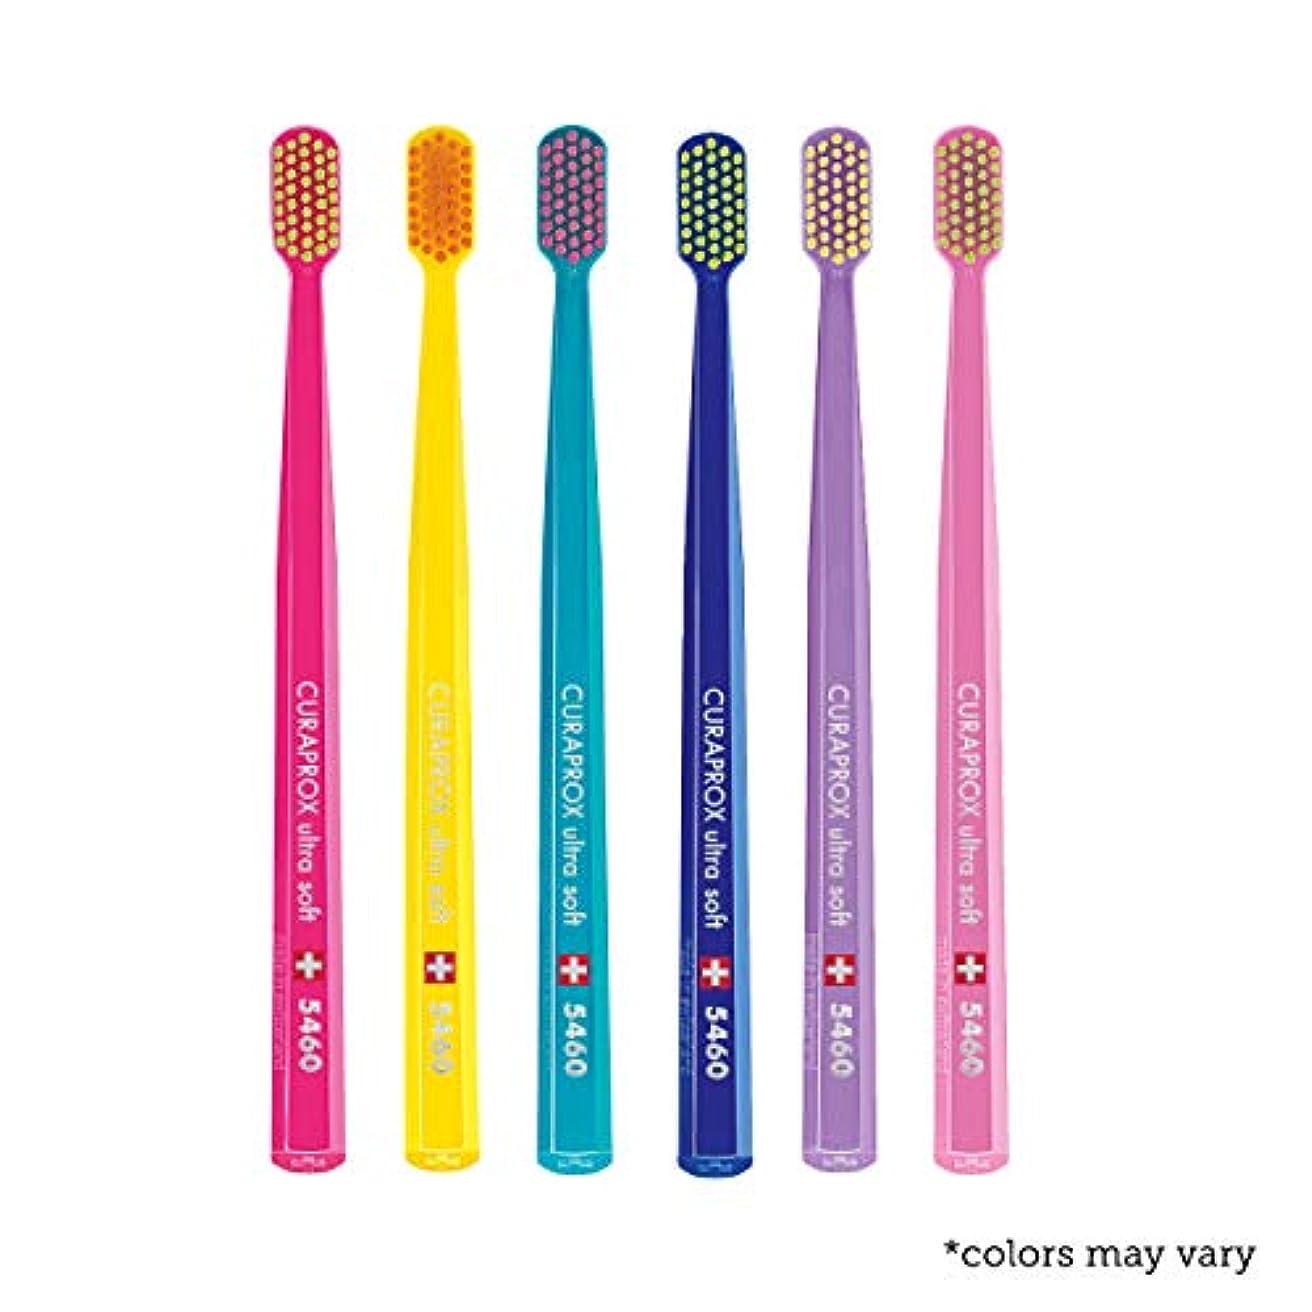 脱走肩をすくめる考えるUltra soft toothbrush, 6 brushes, Curaprox Ultra Soft 5460. Softer feeling & better cleaning, in amazing vivid...